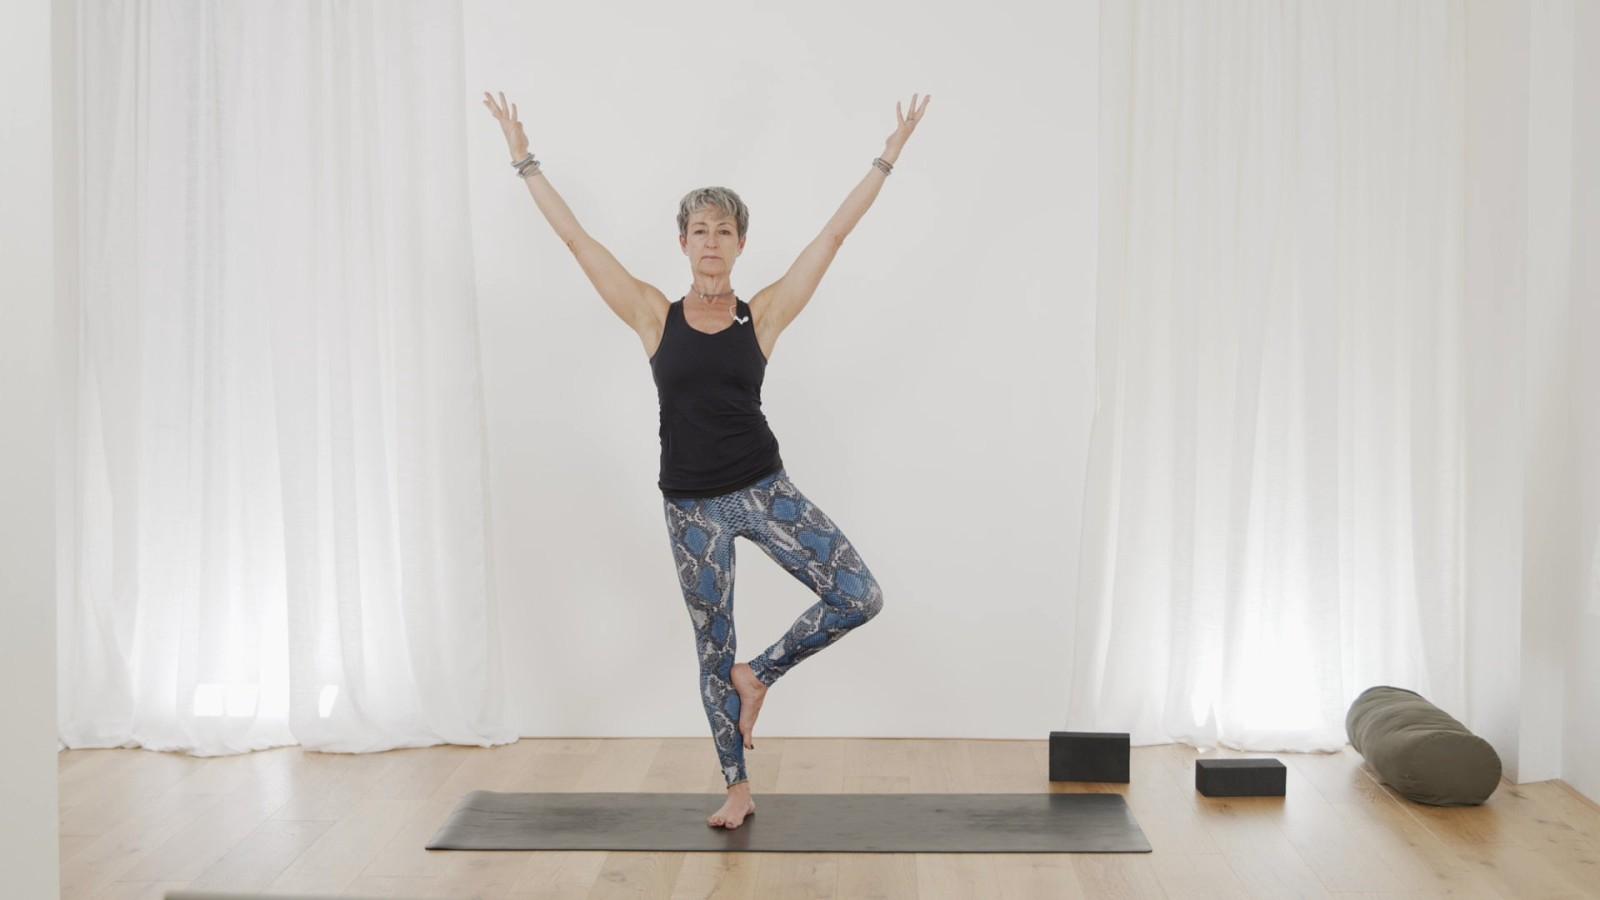 Hipp-i-ness: Happy Hips with Beth Borowsky